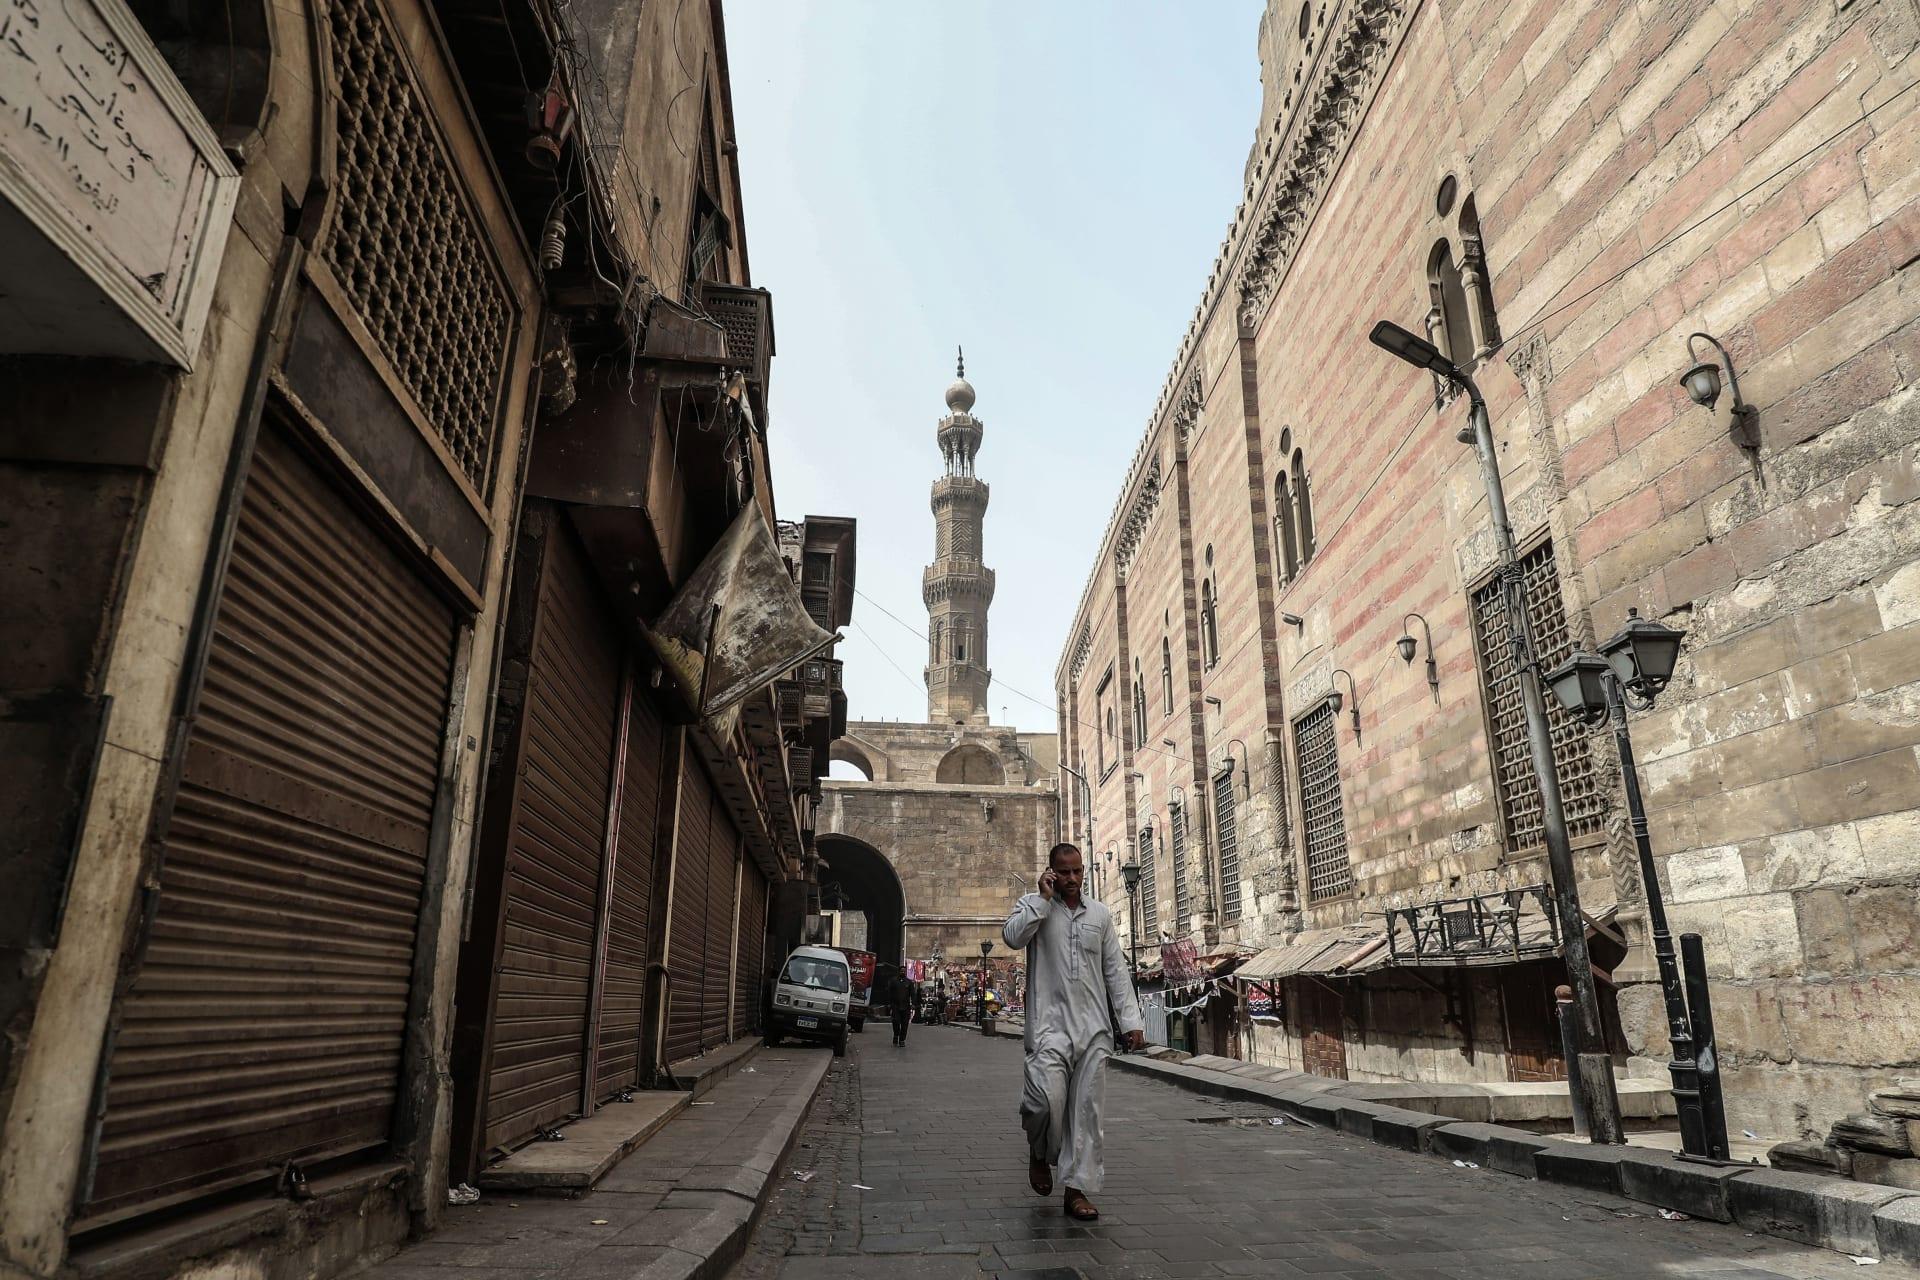 خبراء يكشفون أسباب حفاظ مصر على تصنيفها الائتماني خلال جائحة فيروس كورونا